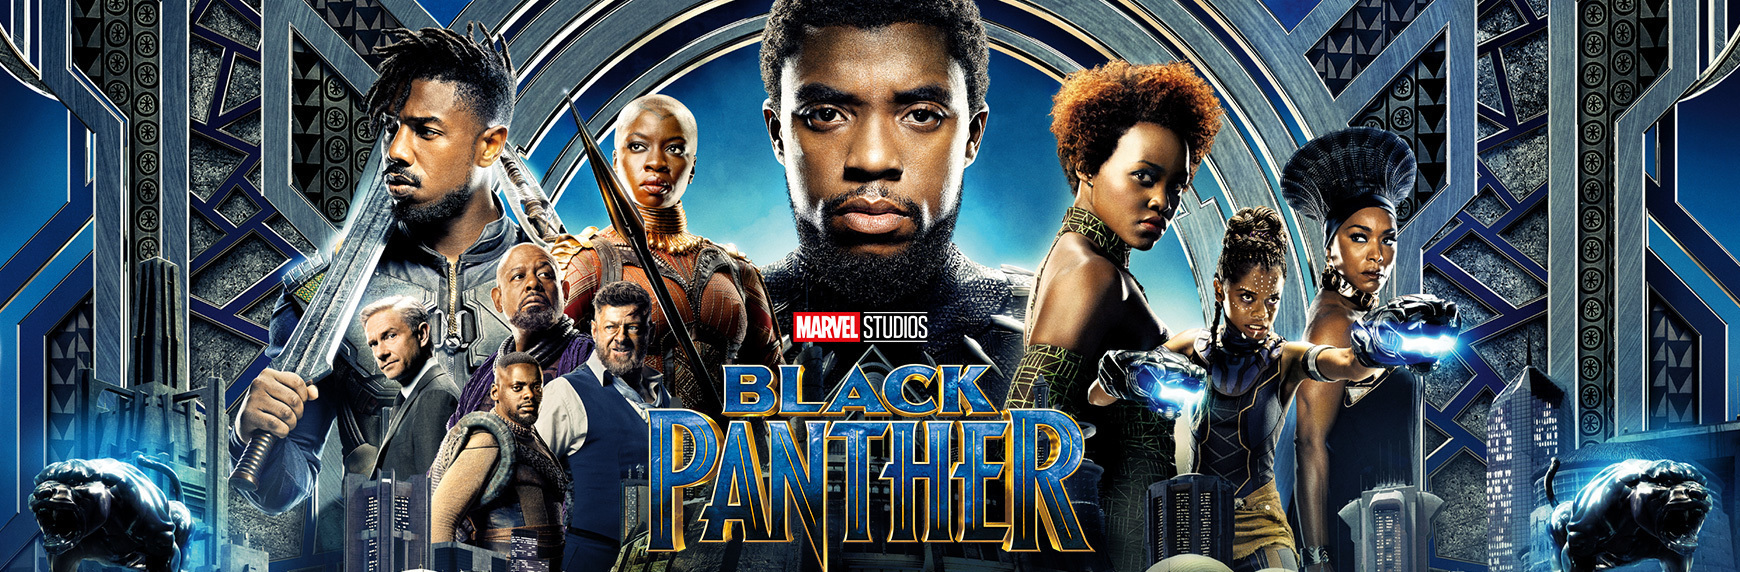 آیا Black Panther اولین فیلم ابرقهرمان در مورد سیاه پوستان است ؟